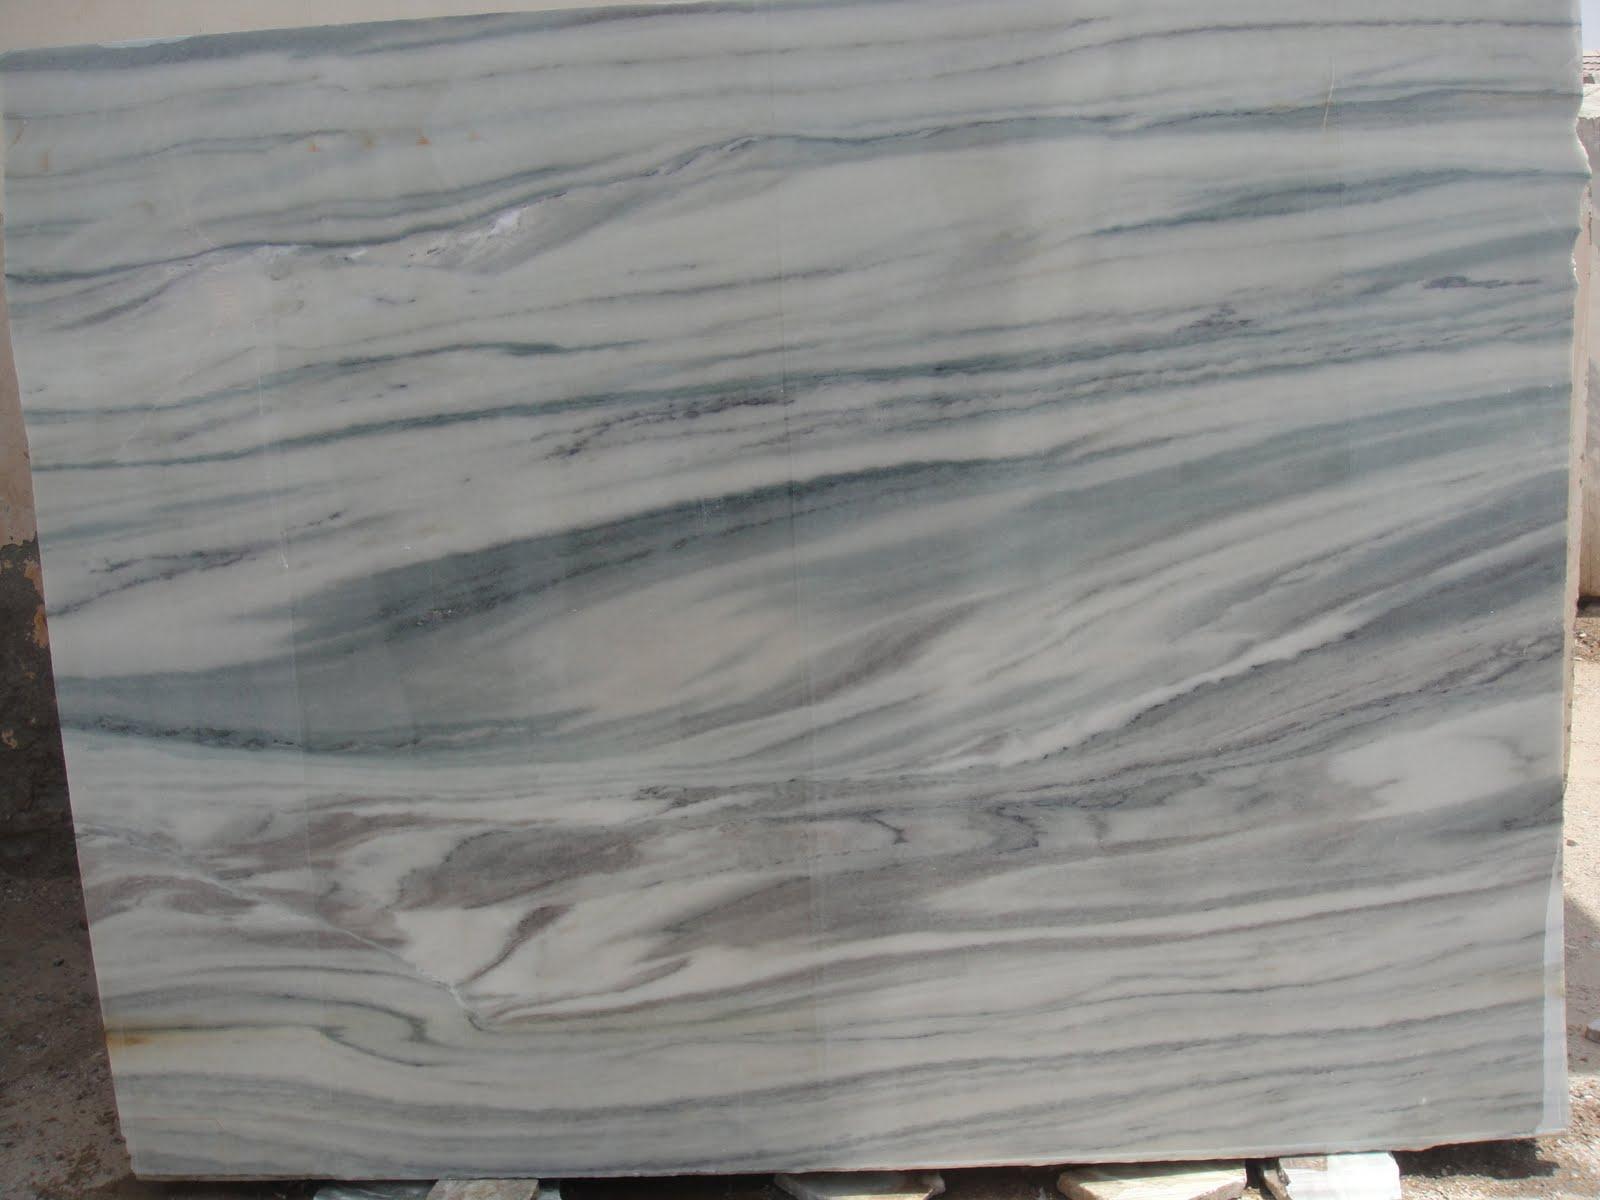 Kishangarh Marble Aspur Marble